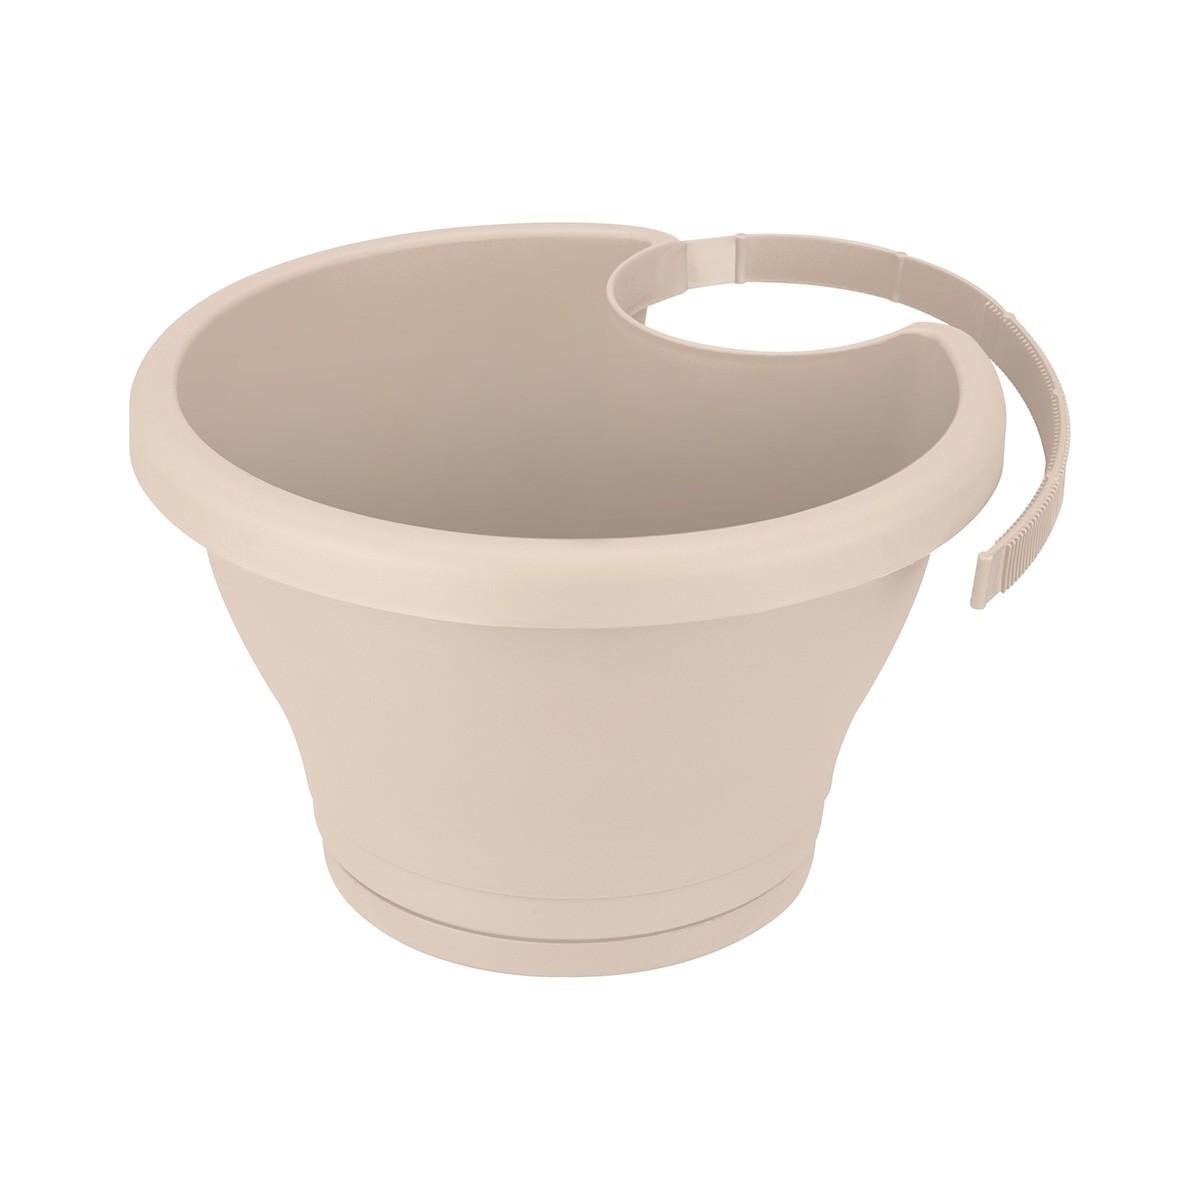 Pot de fleurs Corsica clip gouttière Sable - Elho